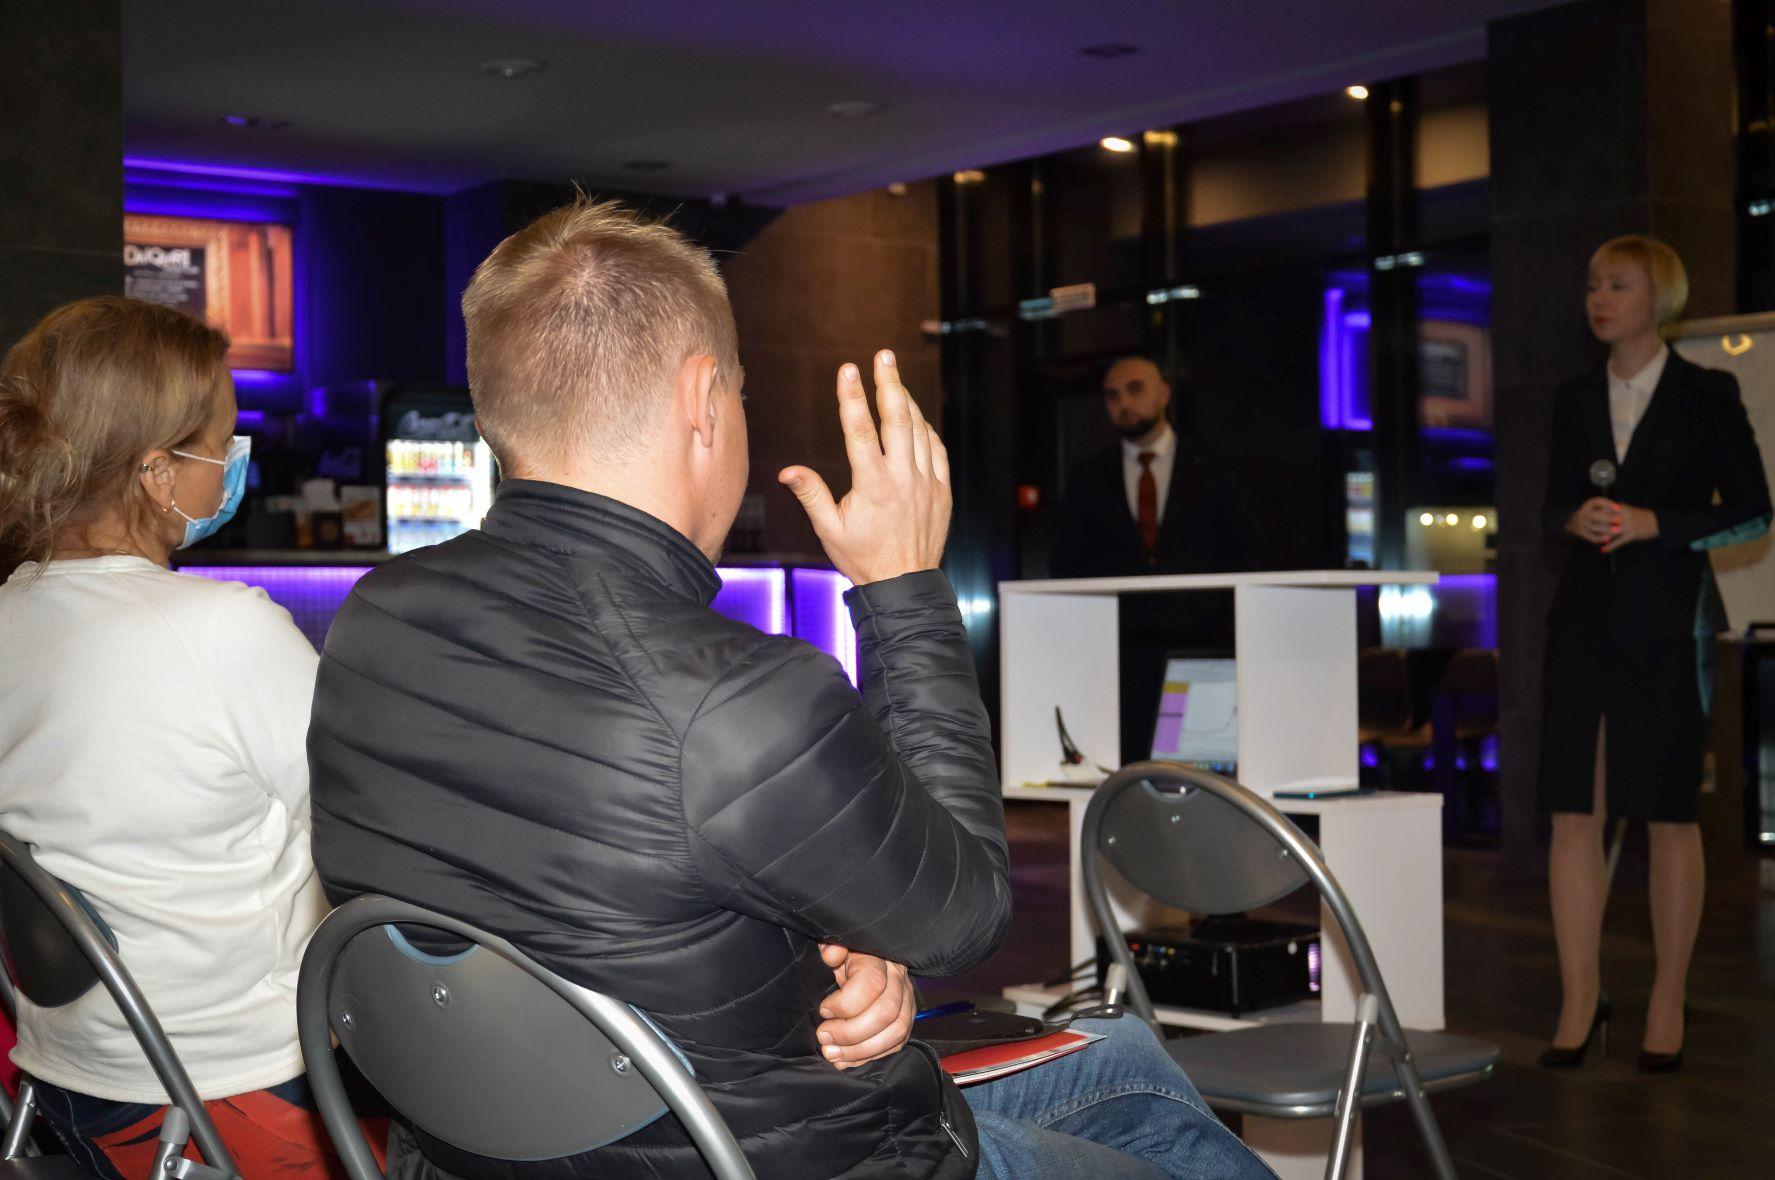 ЦБТ провів актуальну дискусійну панель в Чернівцях - 22 фото